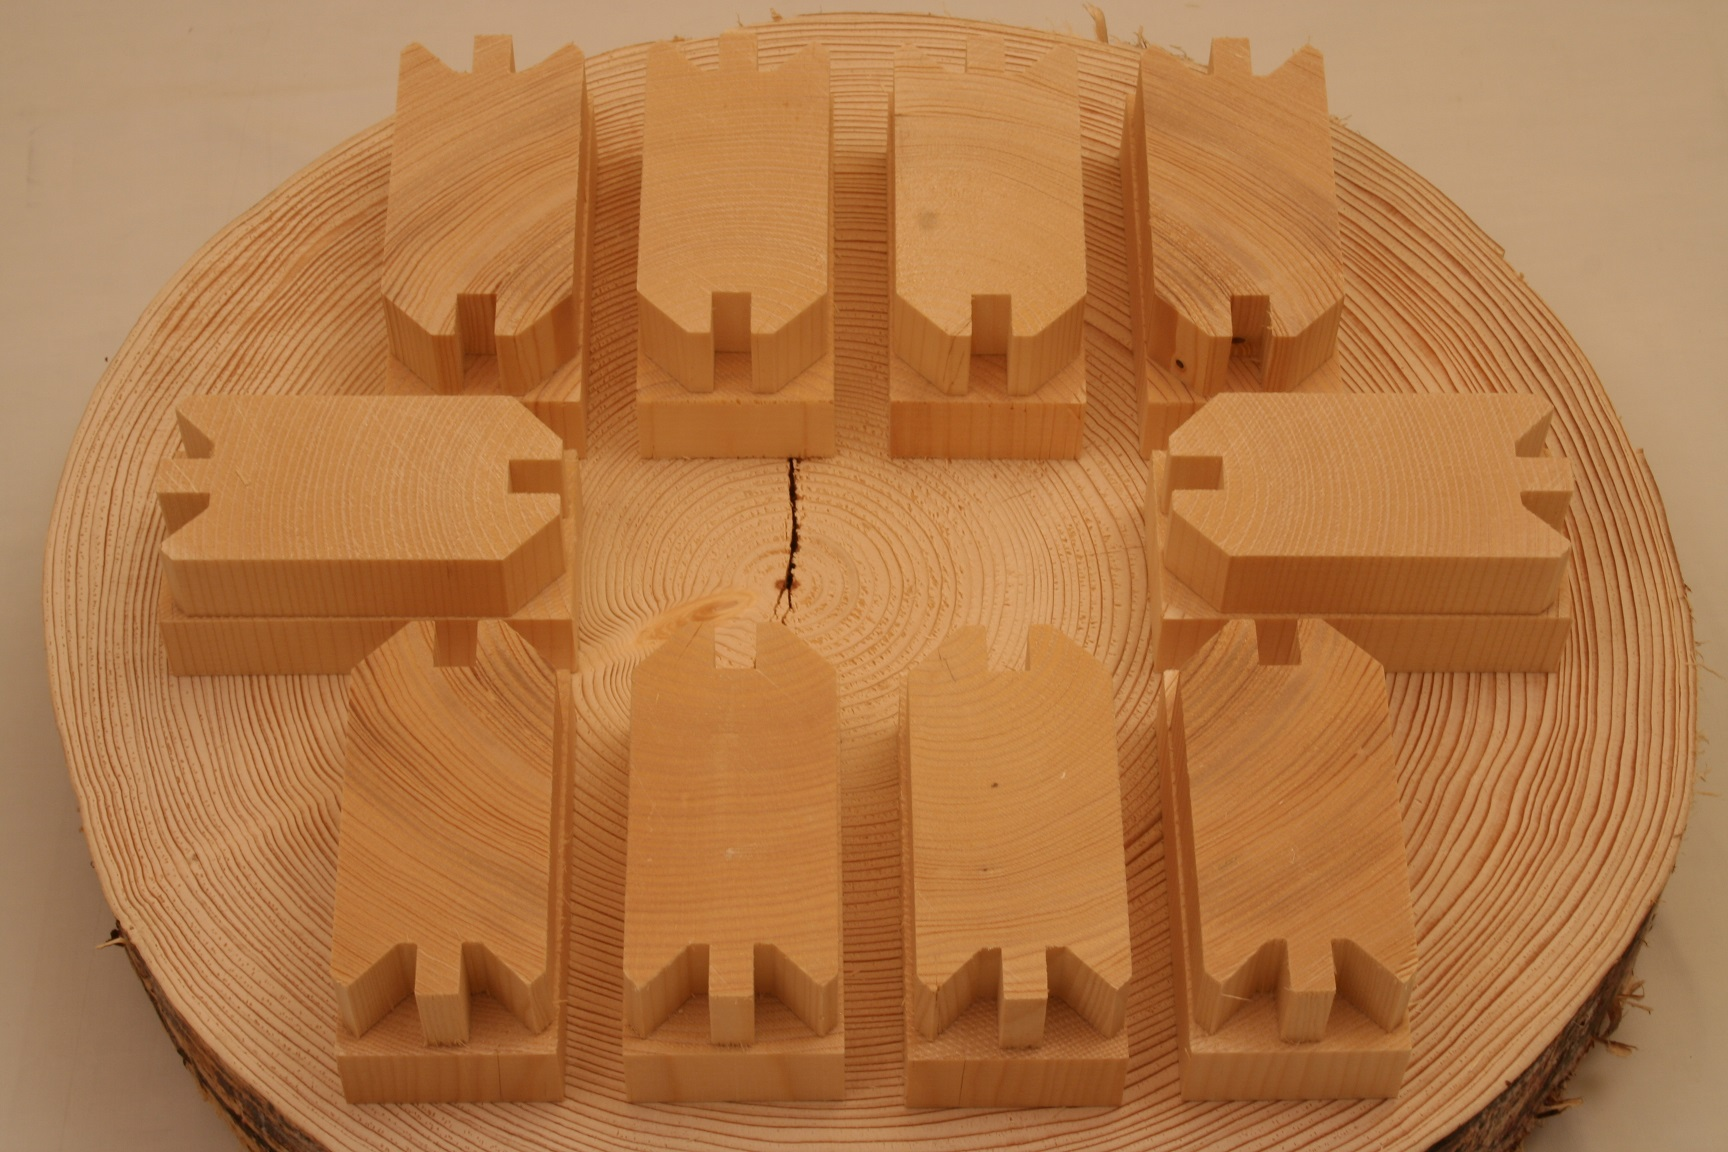 werkstoff holz grandl sauna und innenausbau gmbh. Black Bedroom Furniture Sets. Home Design Ideas